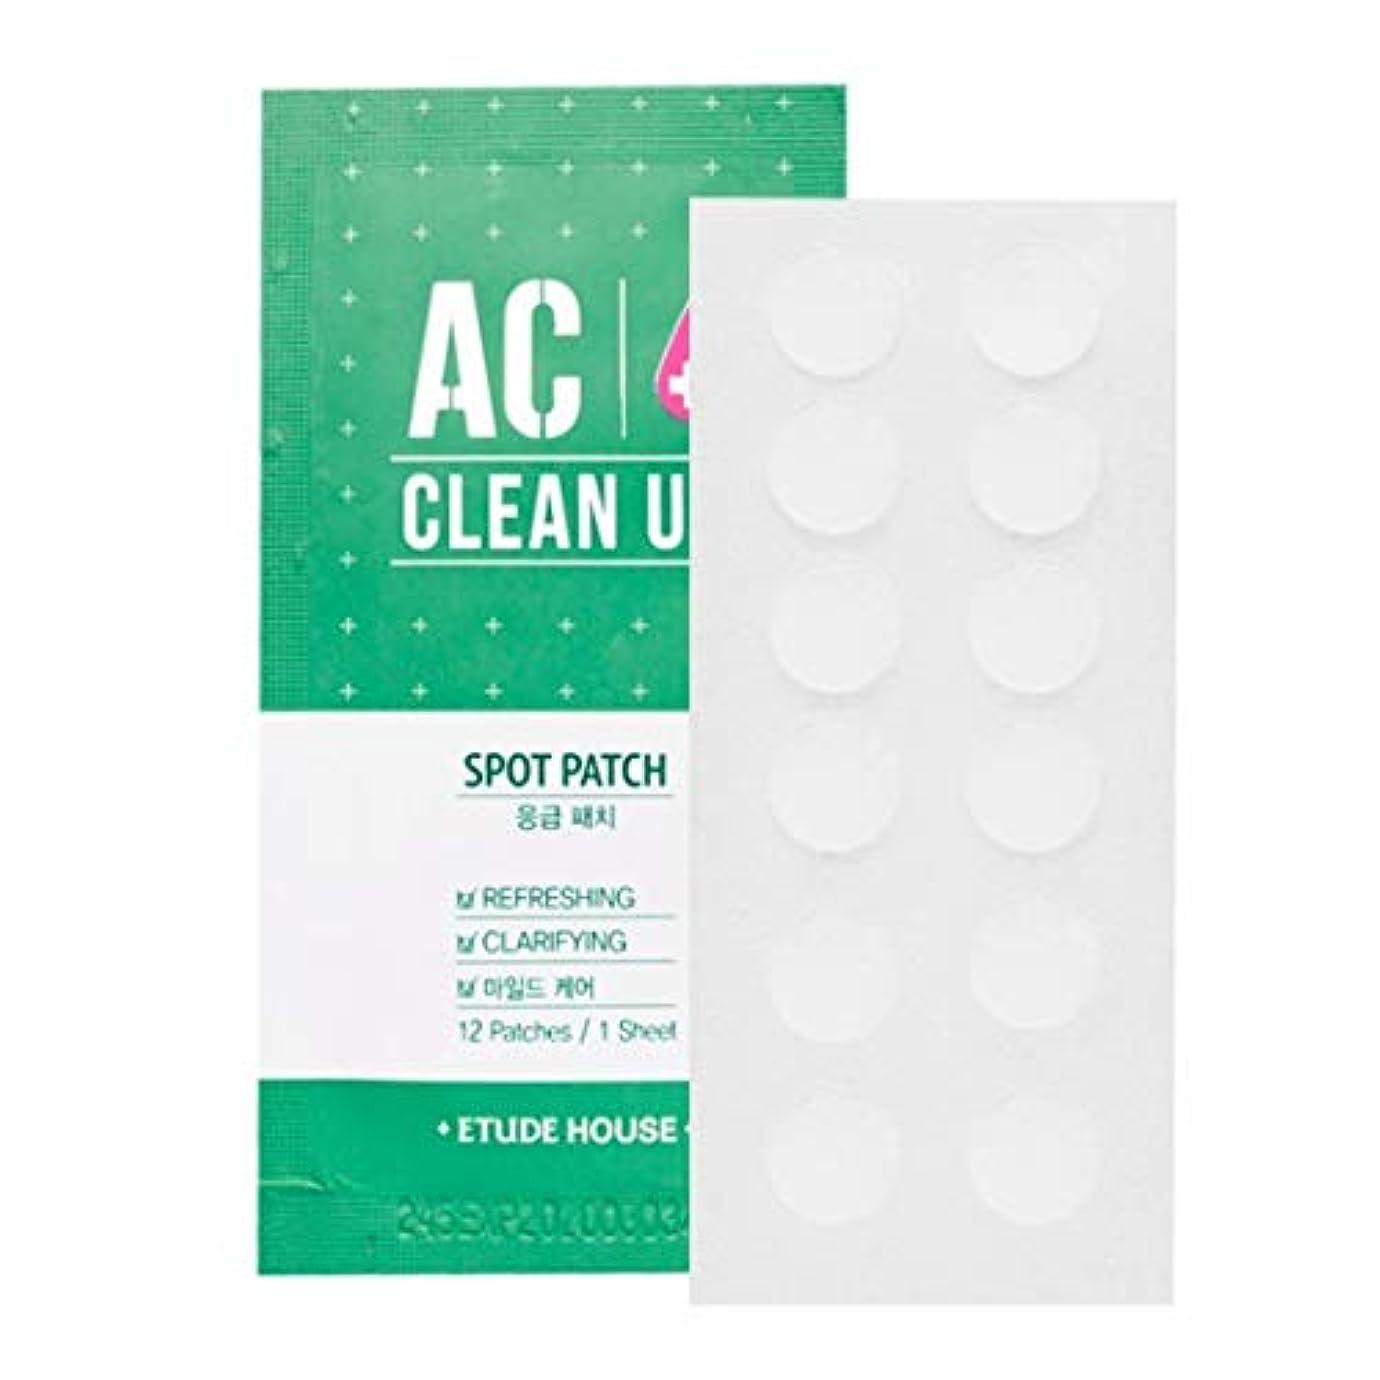 調整これまでキャンパスETUDE HOUSE AC Cleanup Patch 10pcs / エチュードハウスACパッチ10枚/ にきびパッチ [並行輸入品]